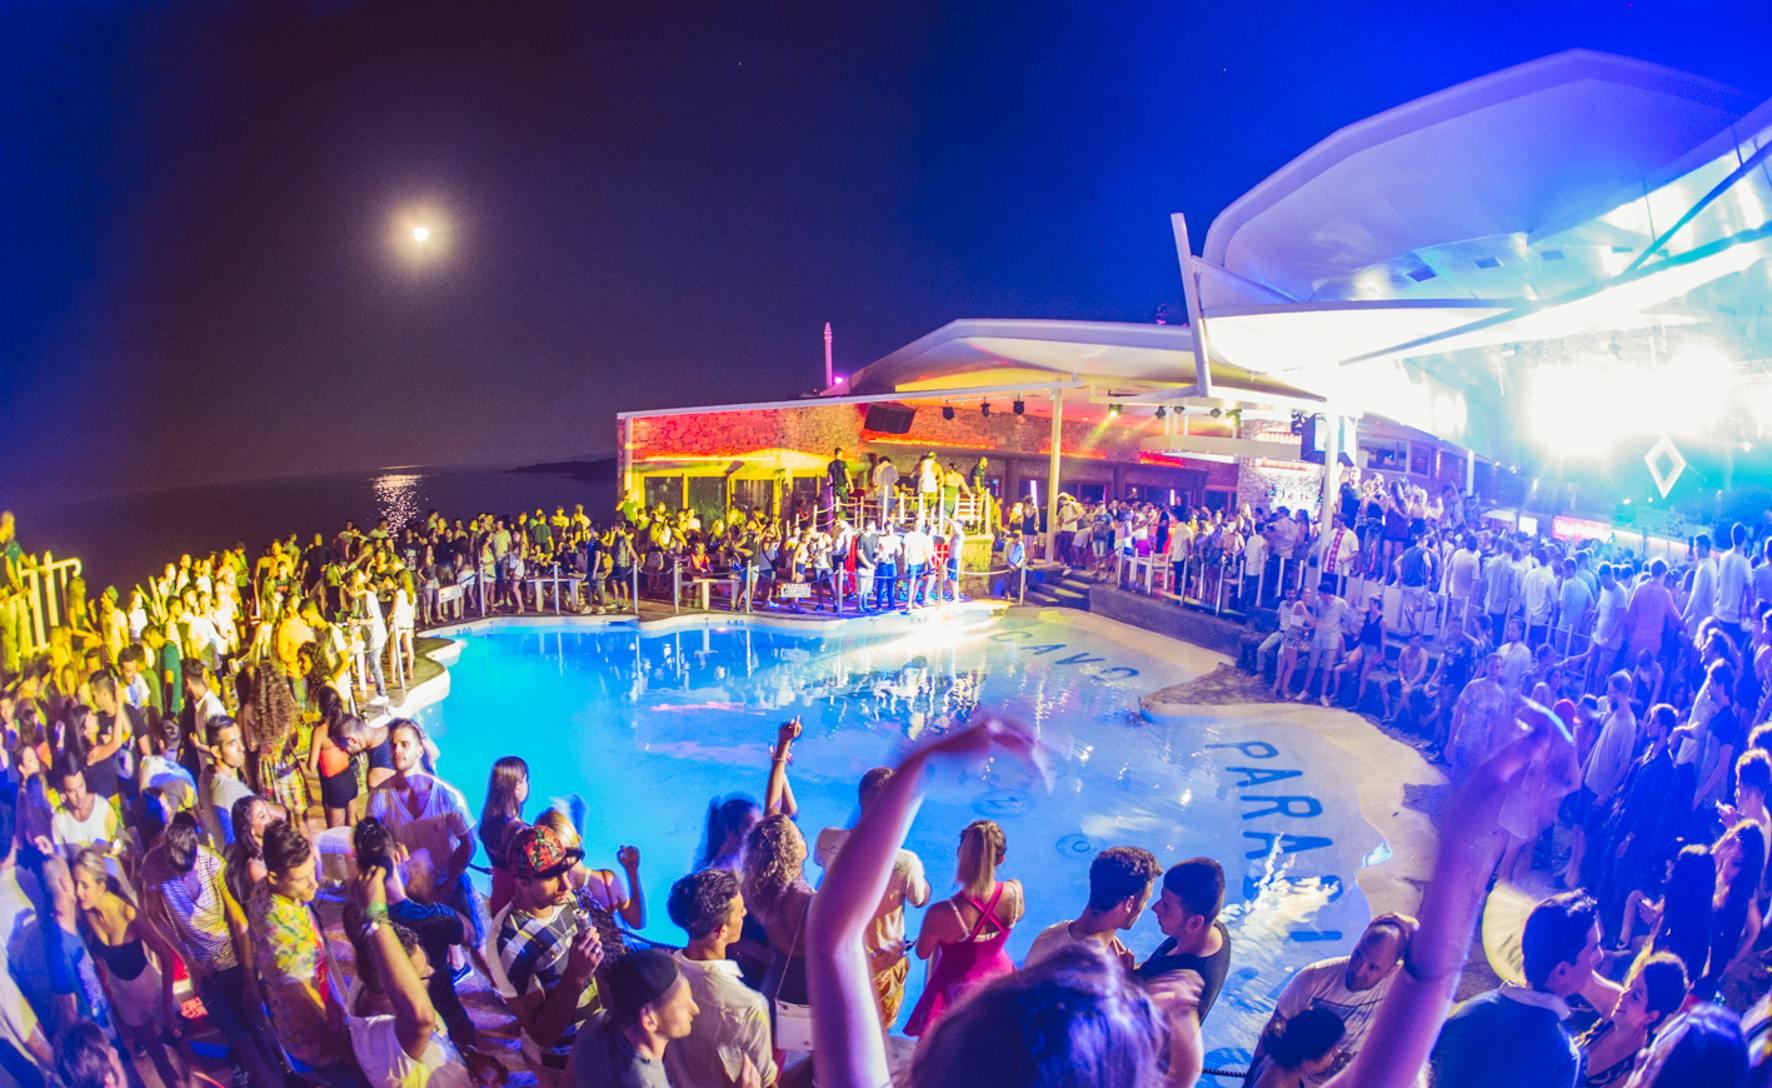 Mykonos Girls Greece In In Night Club